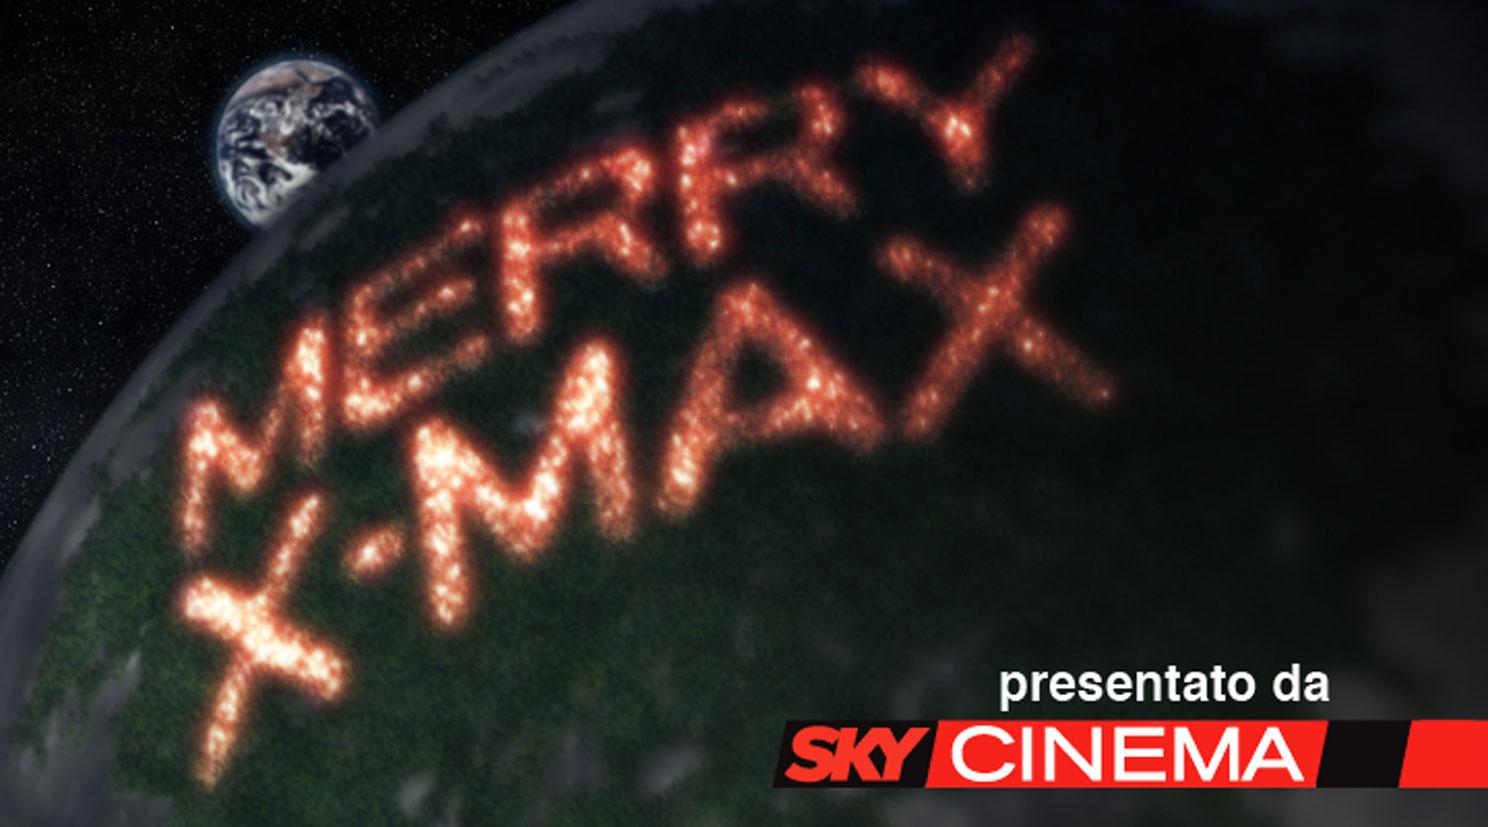 Sky manda Babbo Natale sulla luna.  Sky Cinema Max, il canale di azione del pacchetto Sky Cinema, invia i suoi   auguri di Natale affidandosi a ProximaMilano